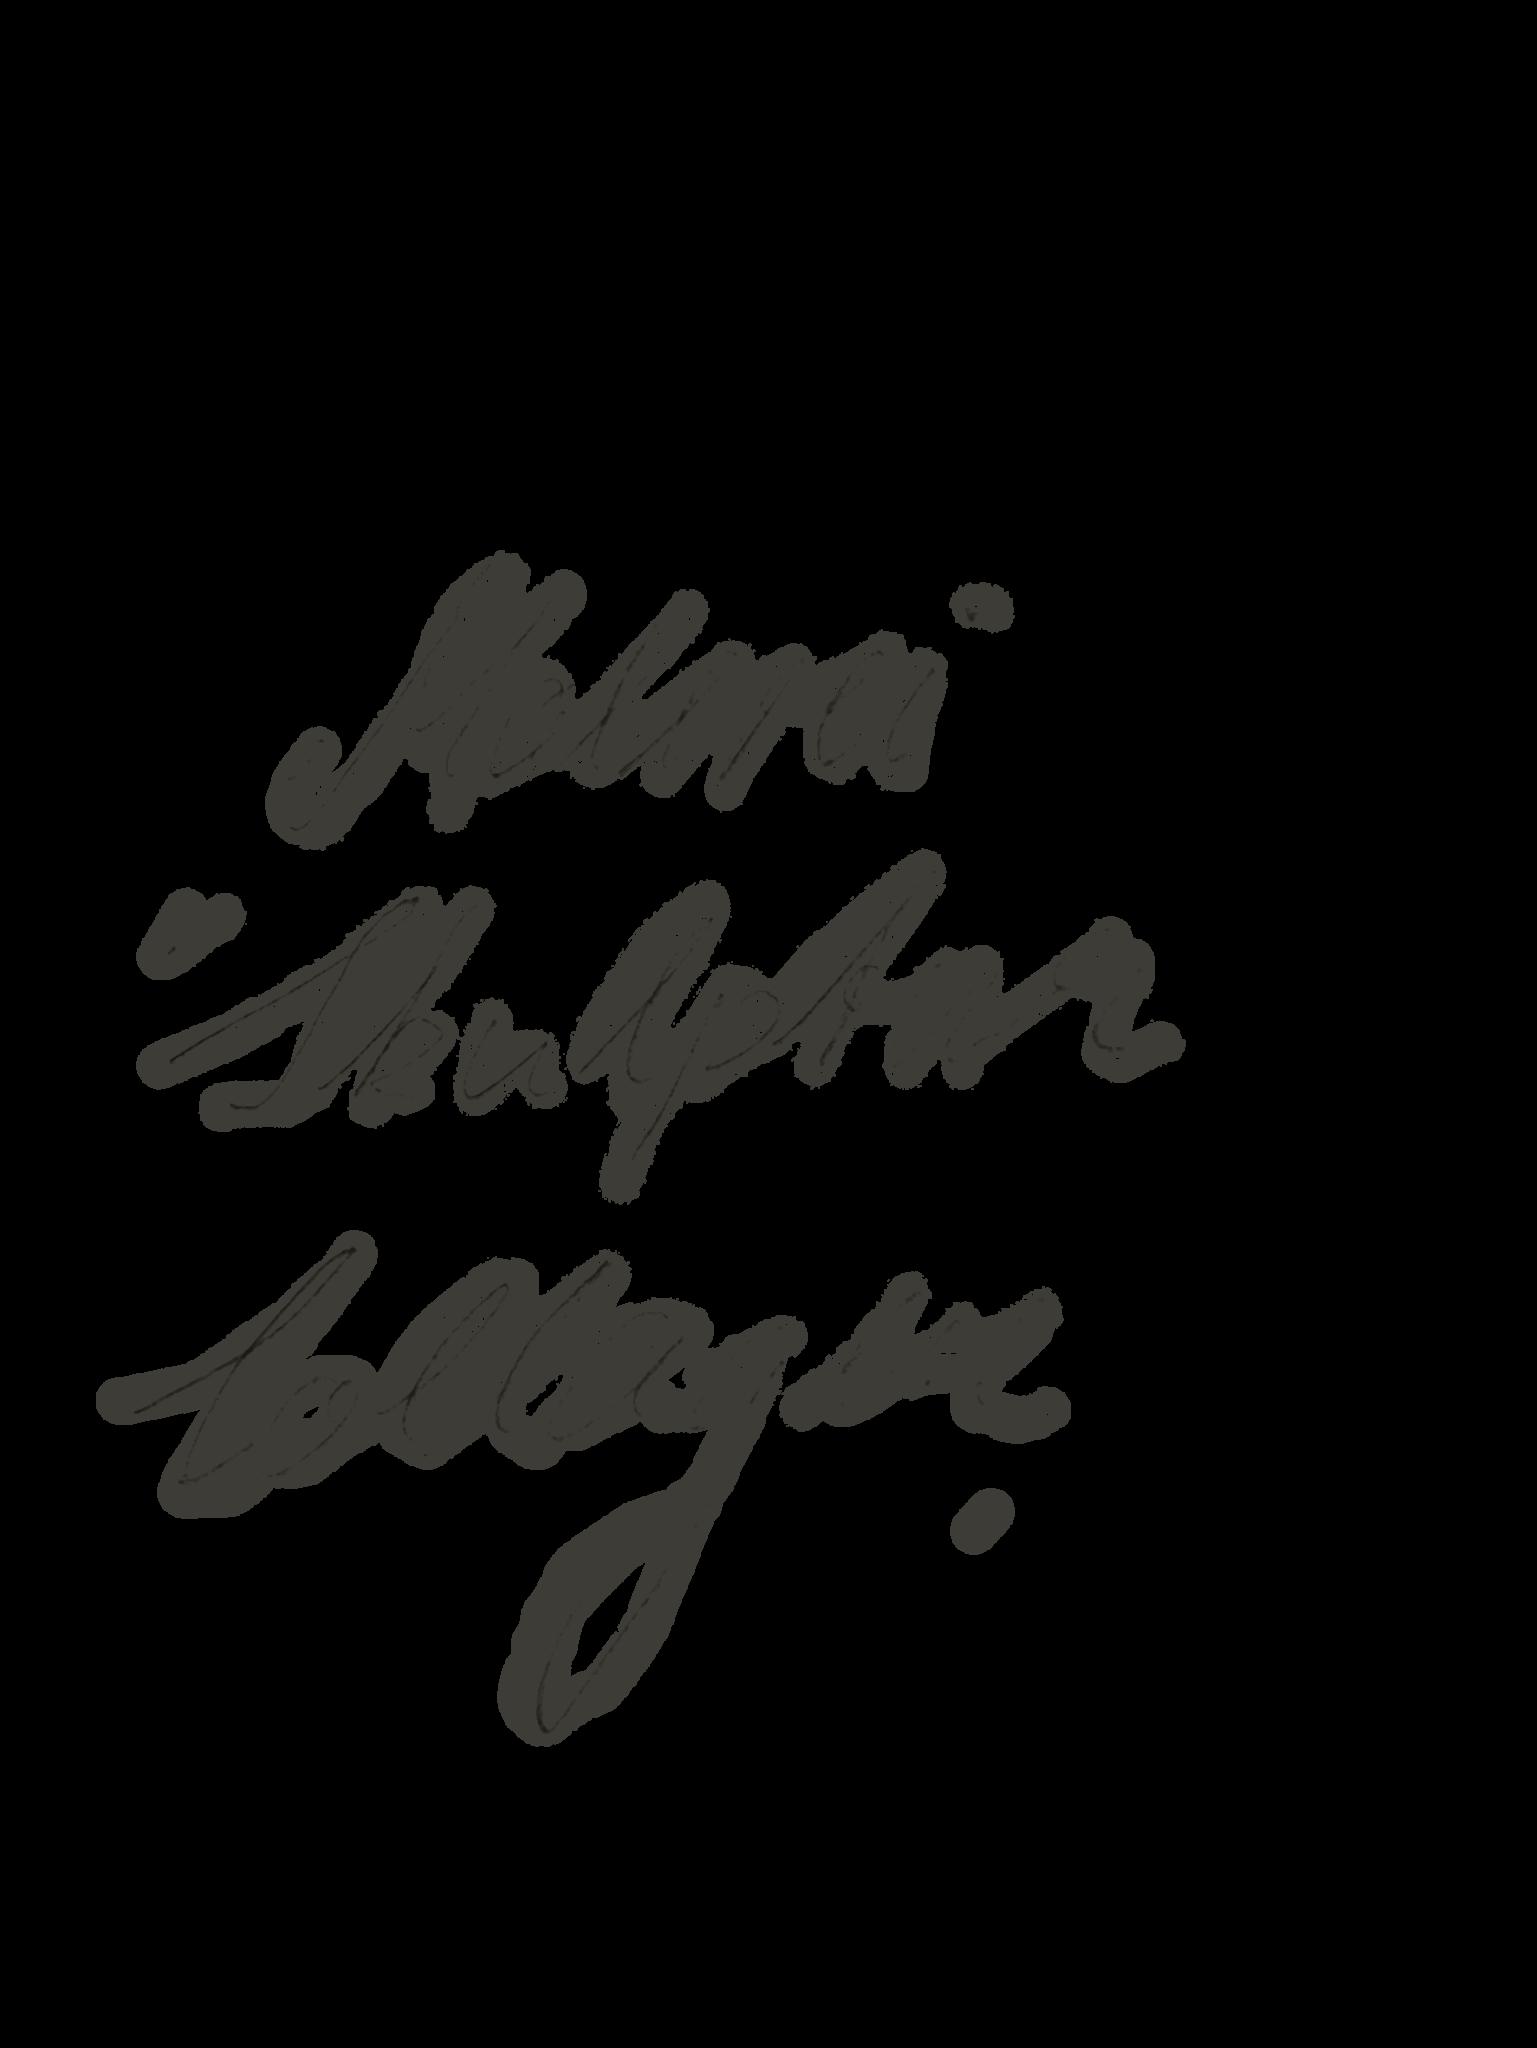 Schrift by Atelier-Witzmann